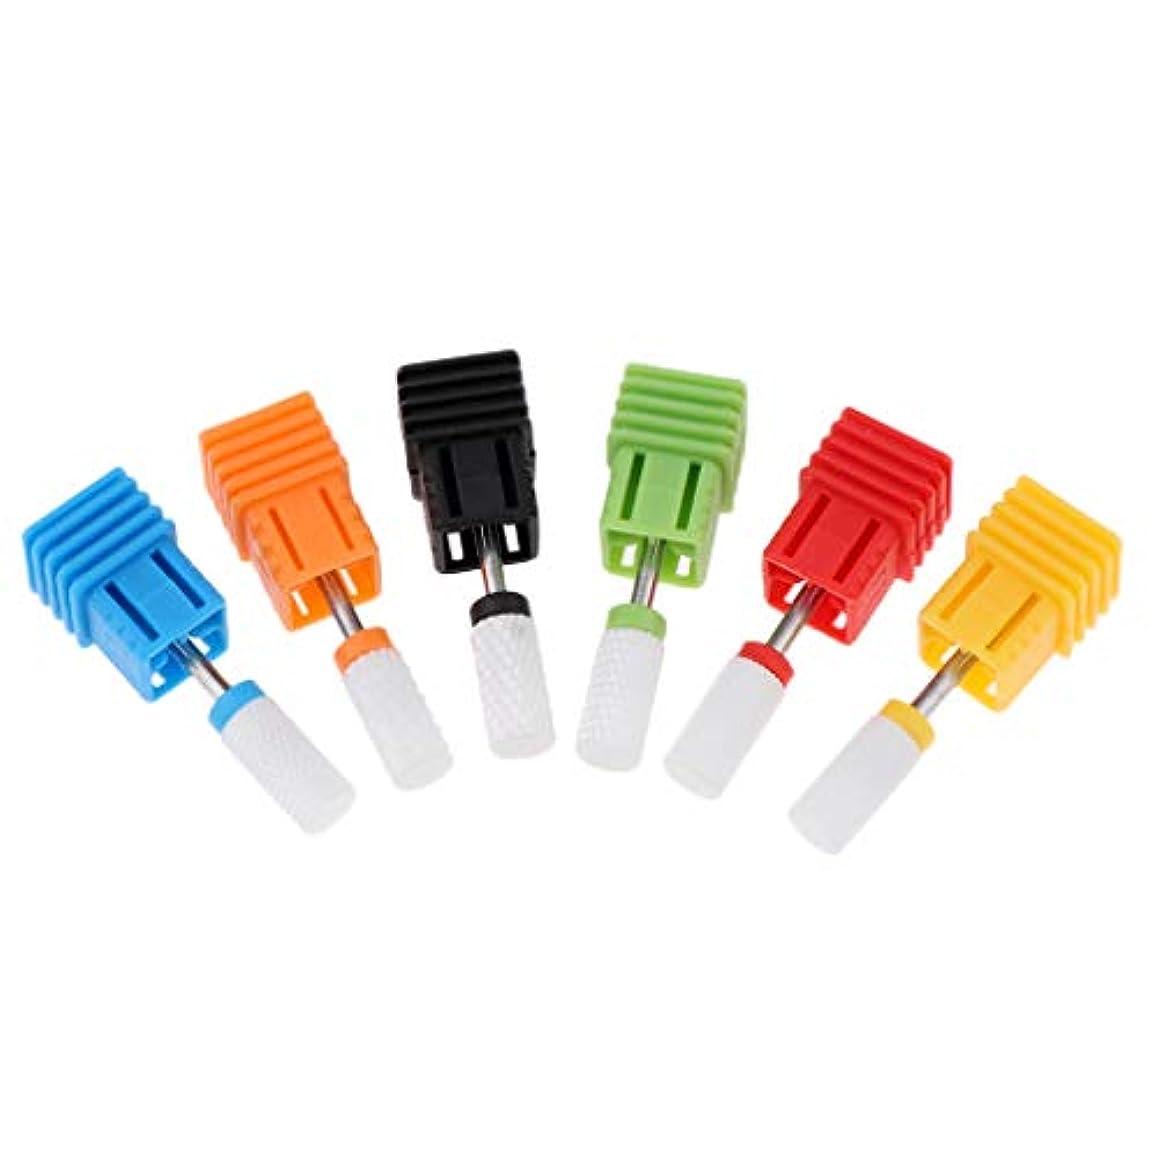 マージグローブ疼痛6個セット ネイルドリルビット セラミック ネイルファイル マニキュア 電気研削研磨ヘッド 2タイプ選べ - #2